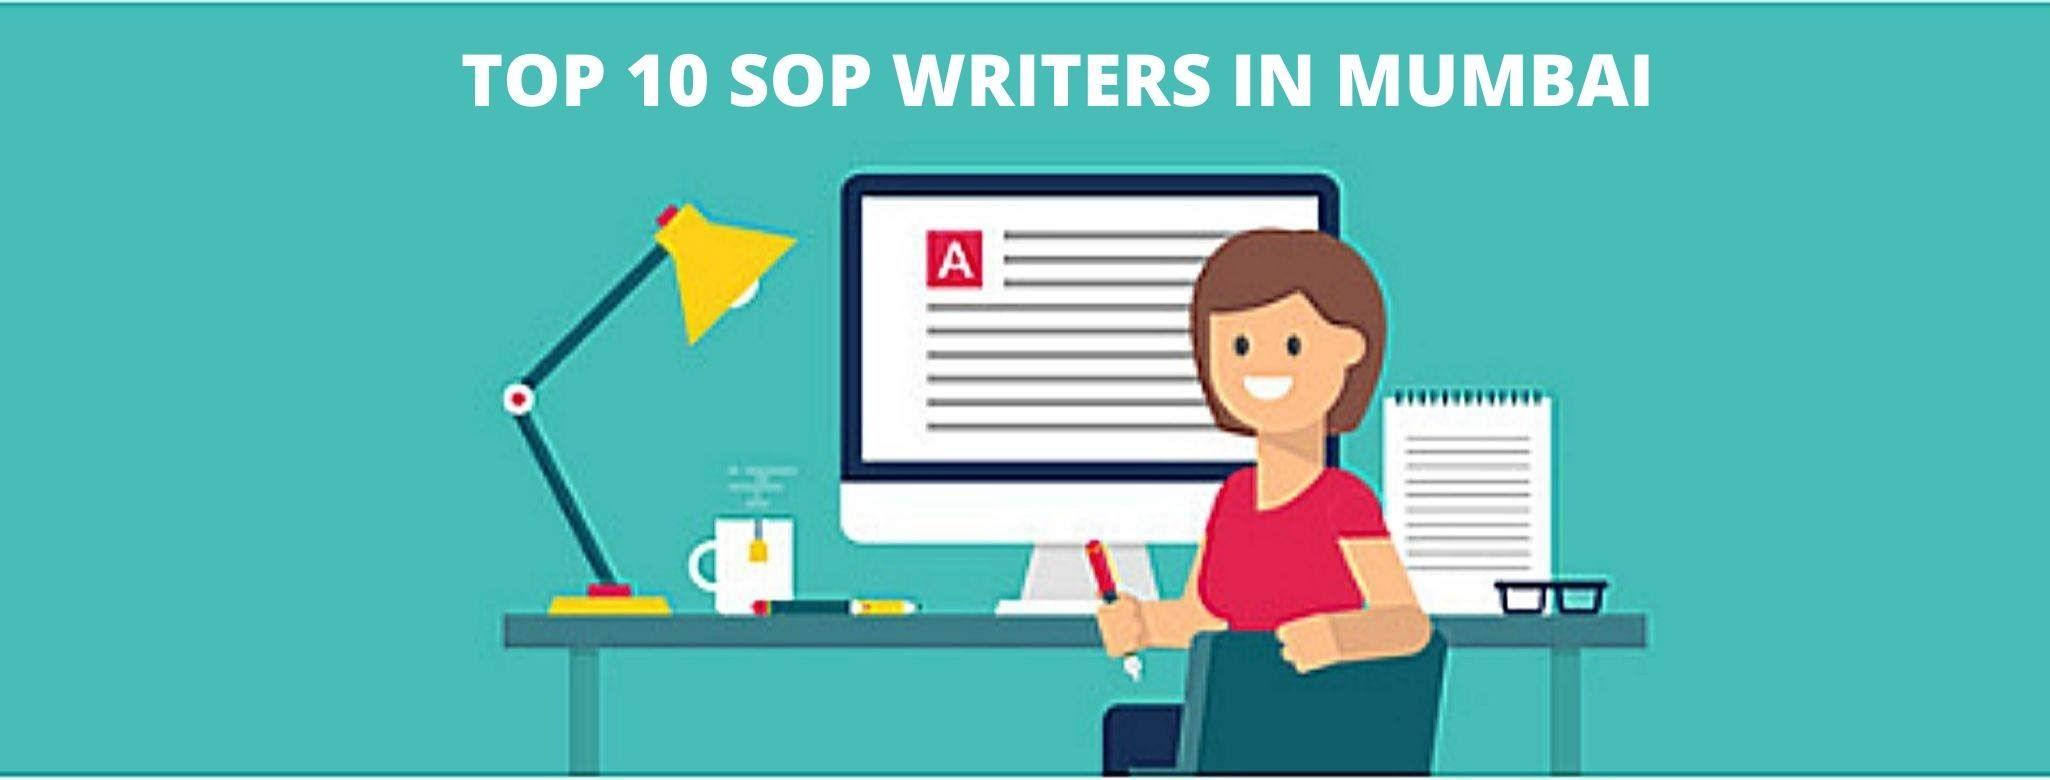 SOP Writers In Mumbai